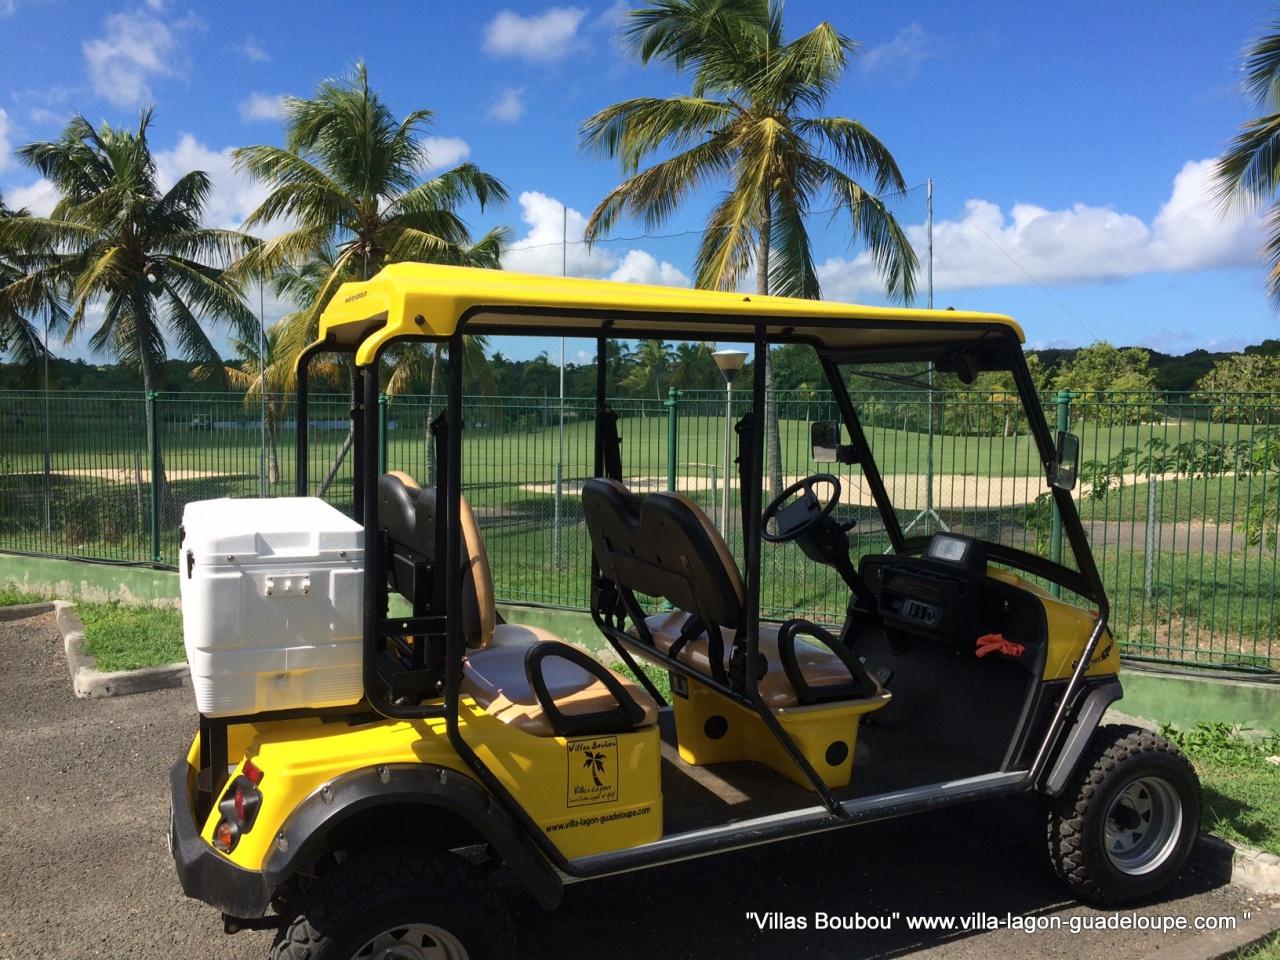 Nouvelle voiture électrique devant le golf de Saint François en Guadeloupe pour la villa de luxe Villa Boubou